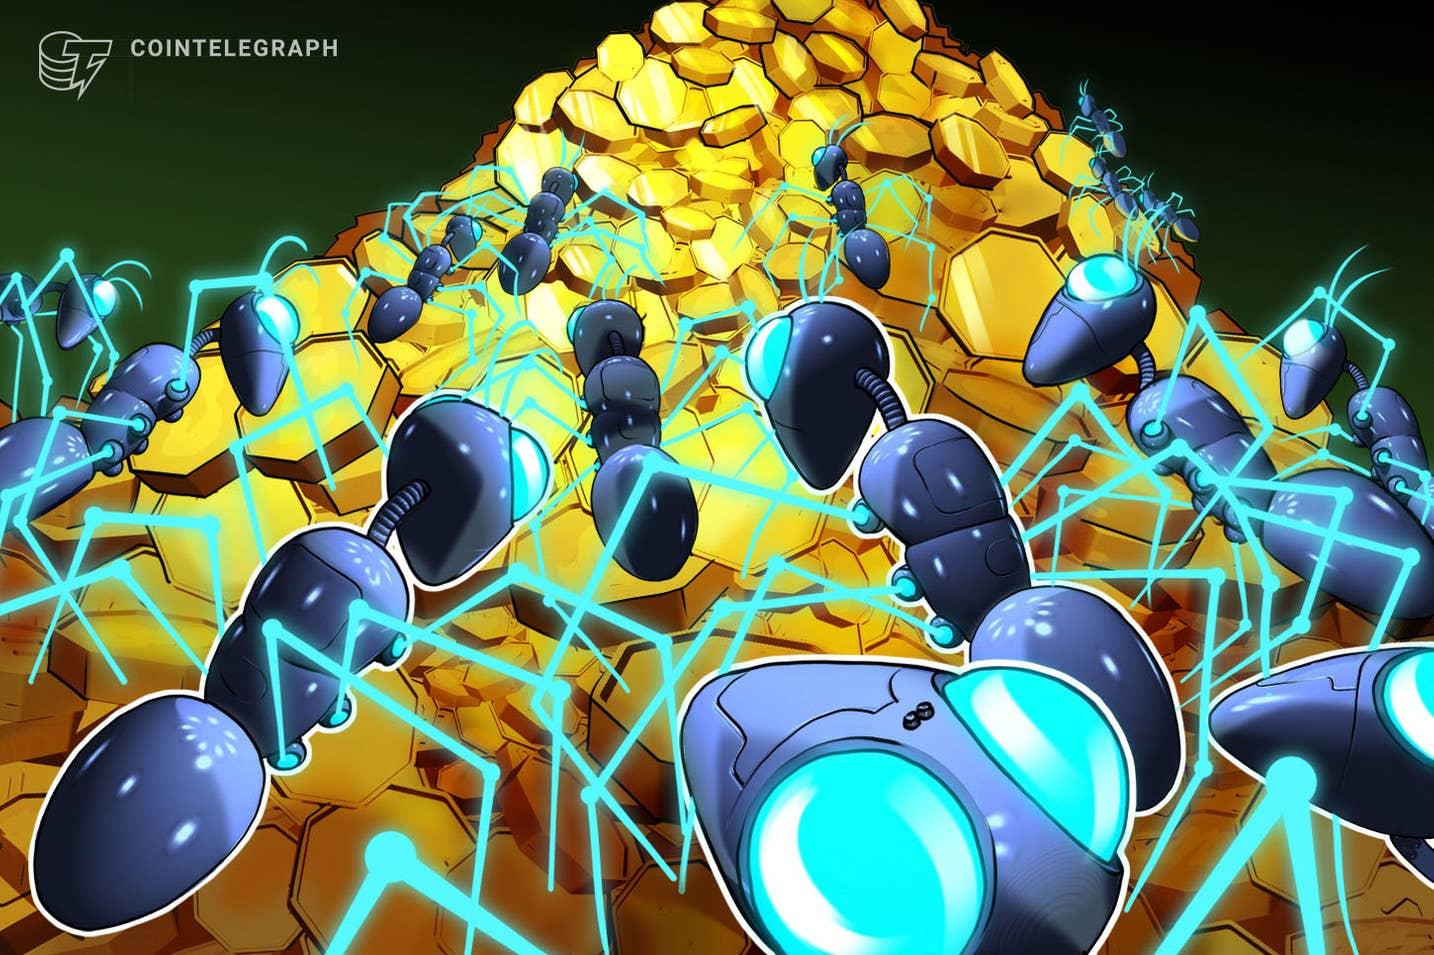 Investidores institucionais aumentam suas participações em criptografia pela 5ª semana consecutiva